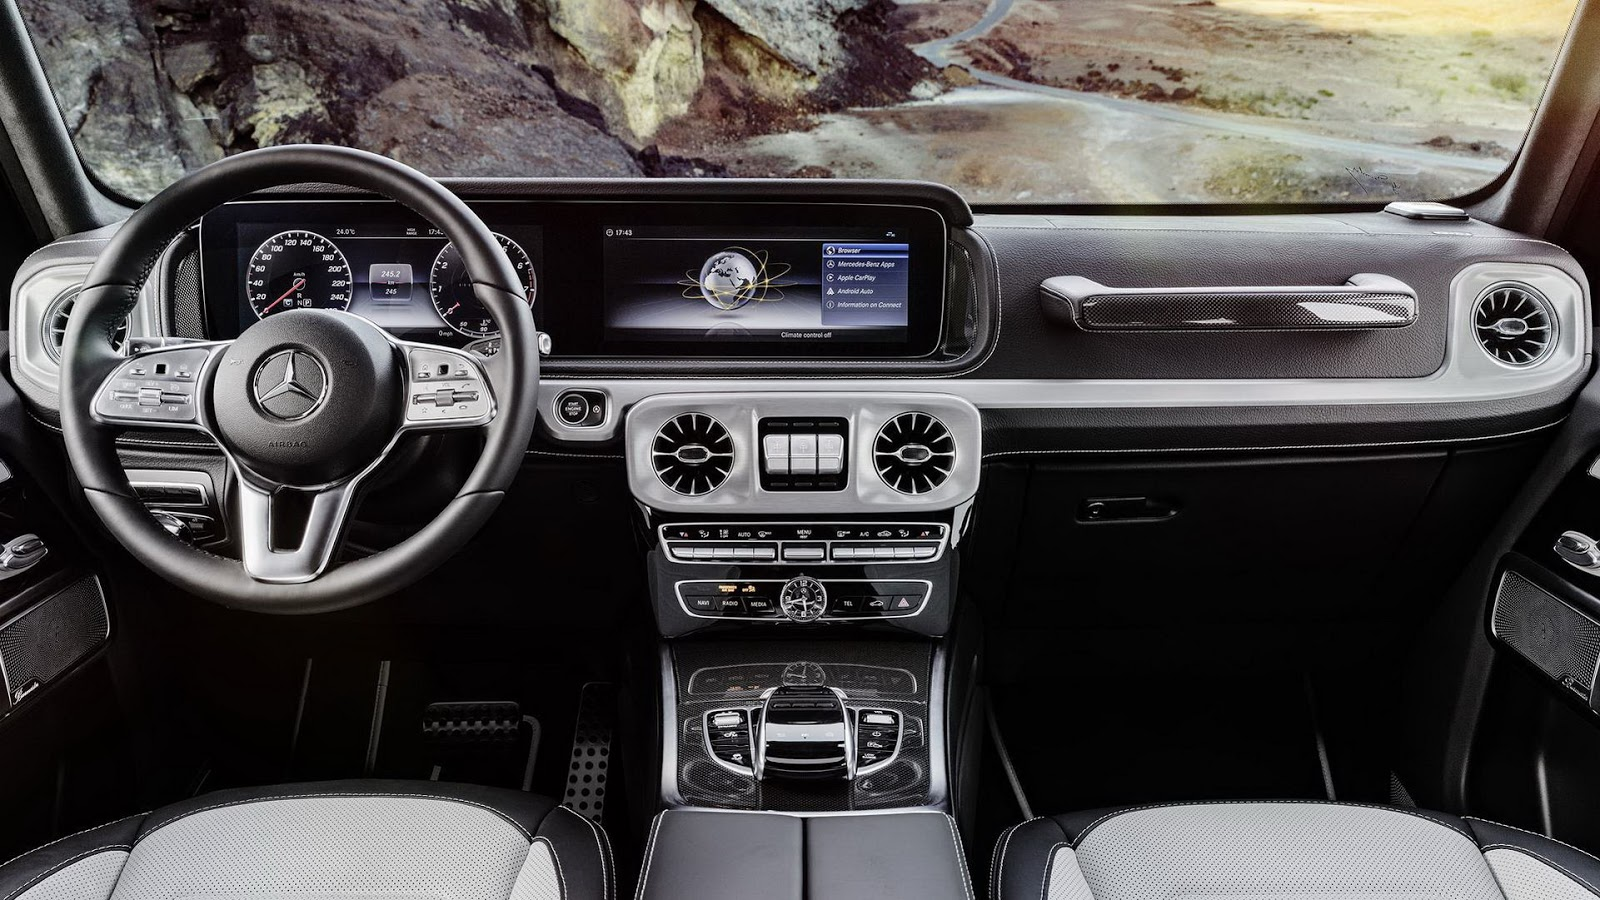 Mercedes-Benz G-Class 2018 (36)